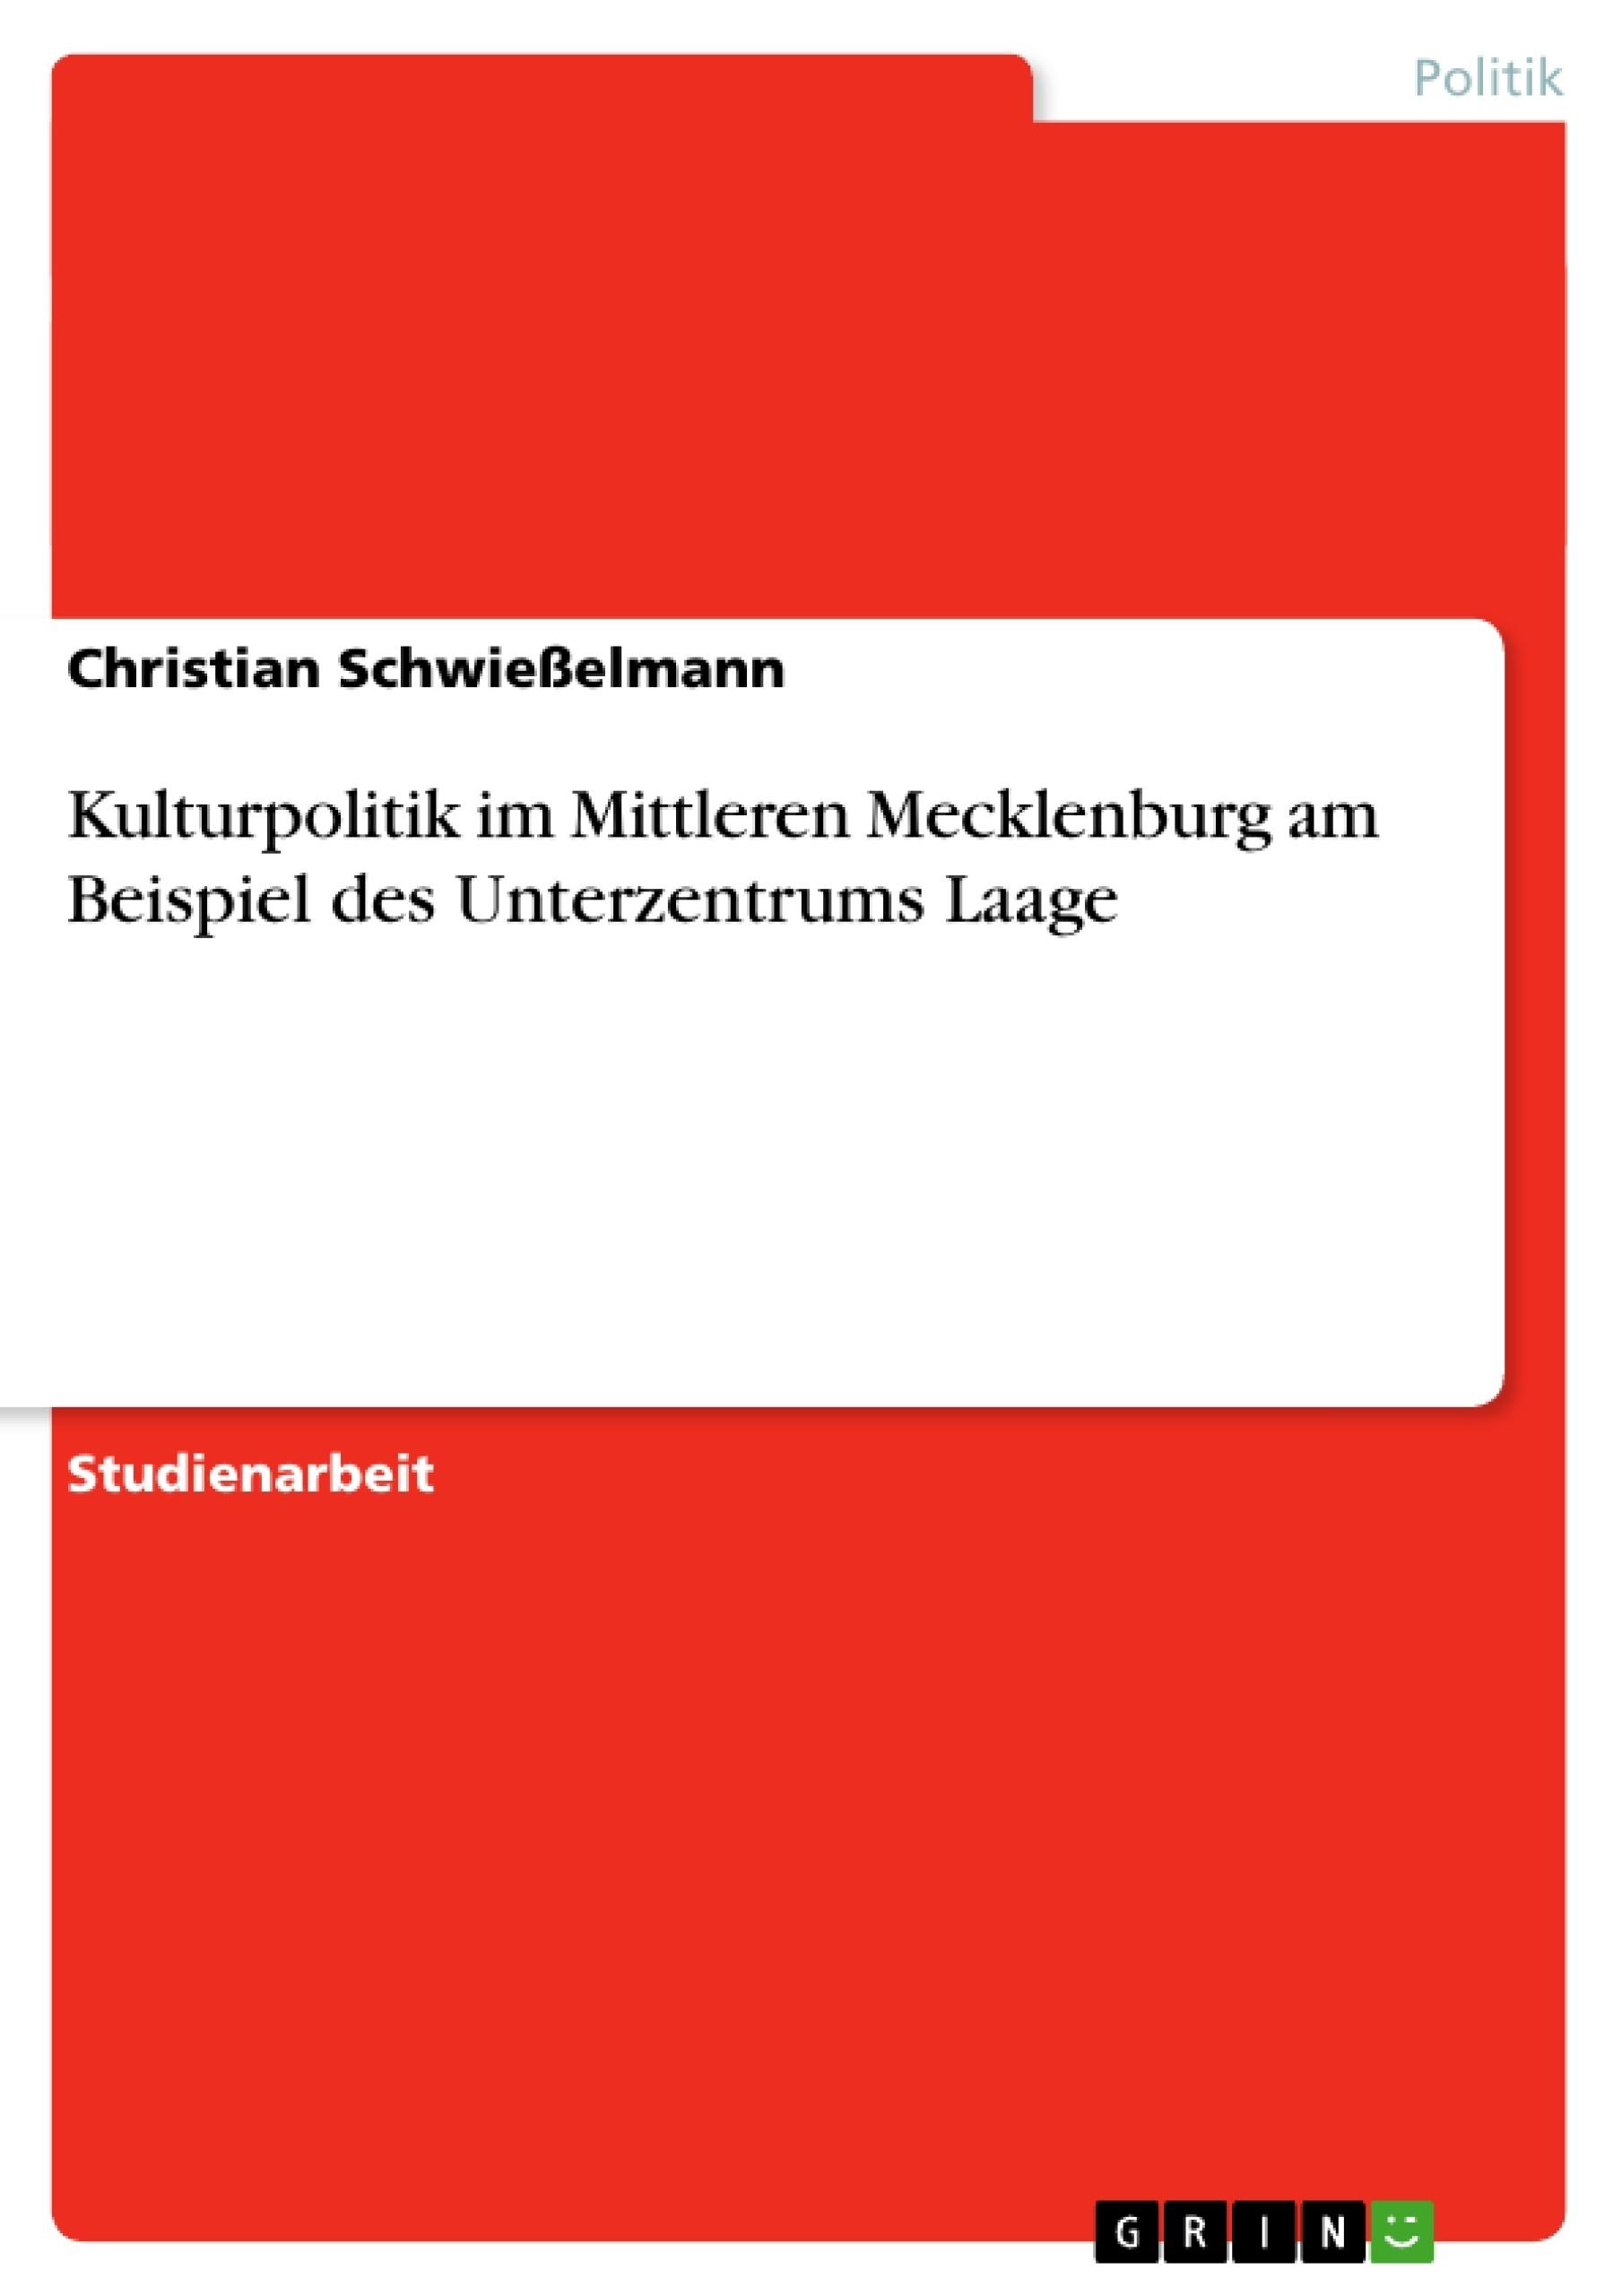 Titel: Kulturpolitik im Mittleren Mecklenburg am Beispiel des Unterzentrums Laage